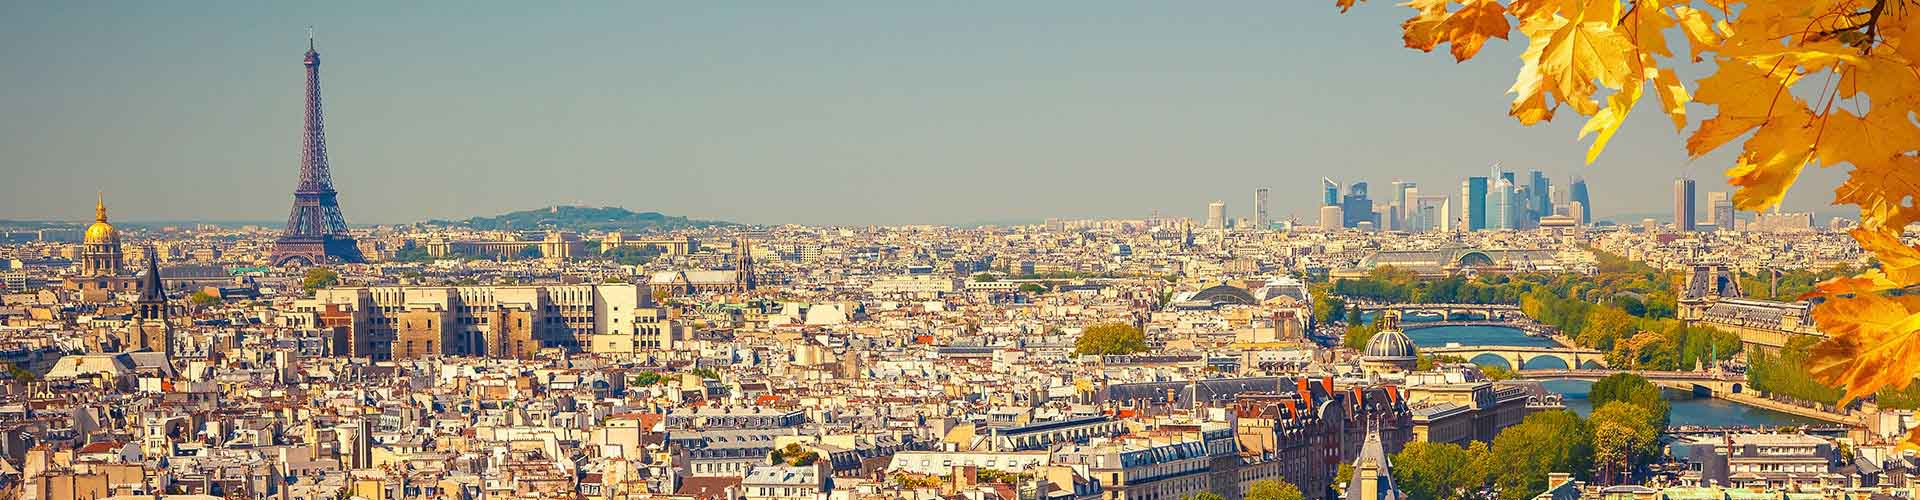 París - Hoteles baratos en el distrito Gare Saint-Lazare. Mapas de París, Fotos y comentarios de cada Hotel barato en París.